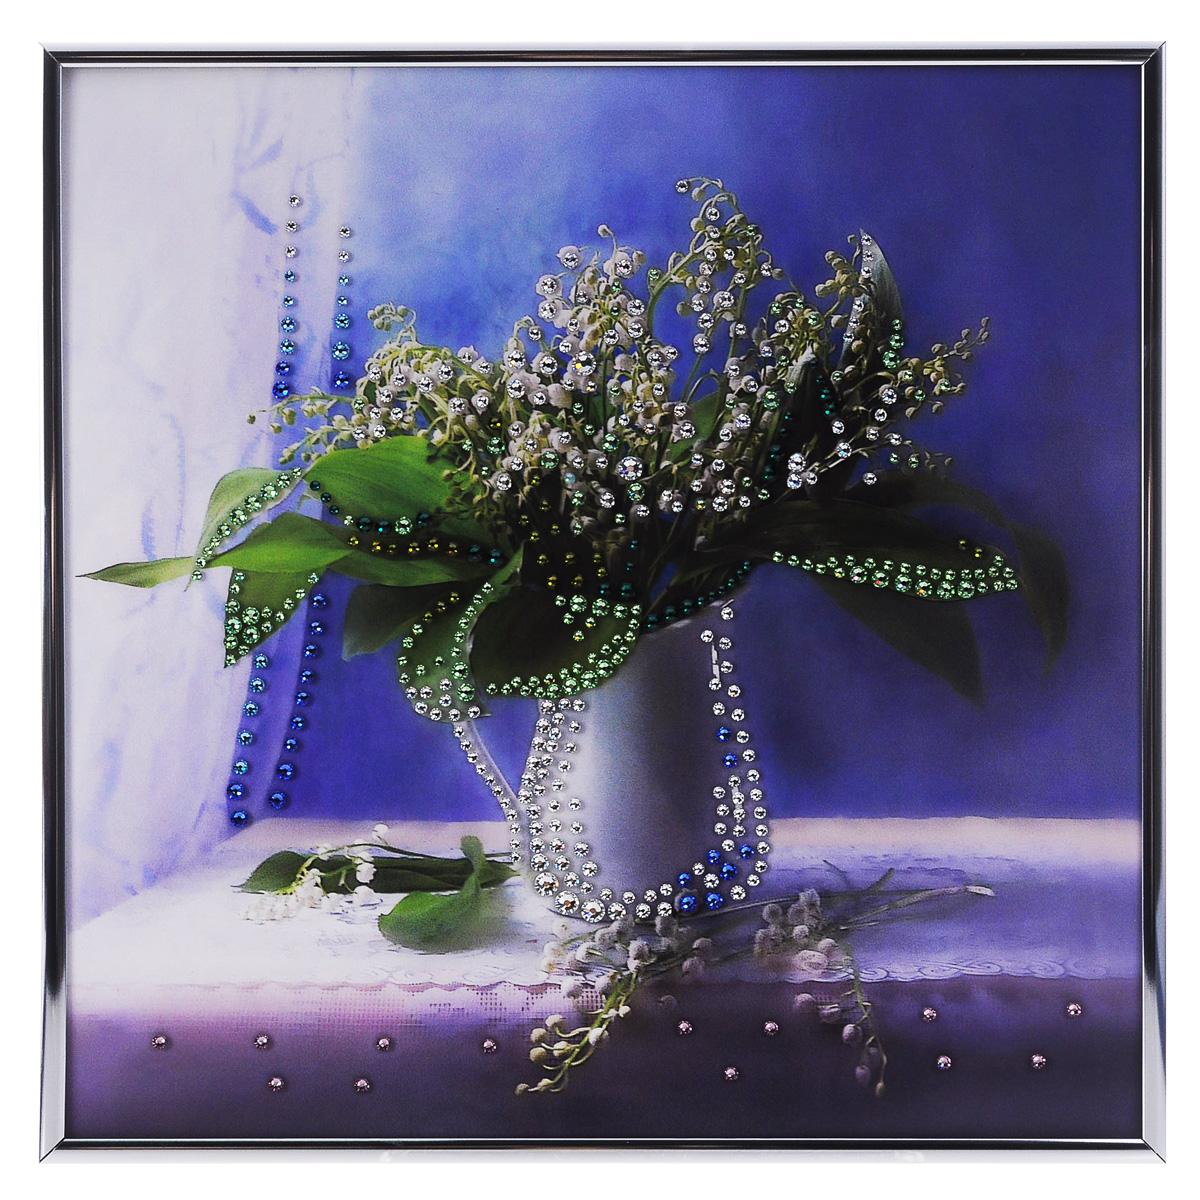 Картина с кристаллами Swarovski Ландыши, 30 см х 30 смPM-3303Изящная картина в металлической раме, инкрустирована кристаллами Swarovski, которые отличаются четкой и ровной огранкой, ярким блеском и чистотой цвета. С обратной стороны имеется металлическая петелька для размещения картины на стене. Картина с кристаллами Swarovski элегантно украсит интерьер дома или офиса, а также станет прекрасным подарком, который обязательно понравится получателю. Блеск кристаллов в интерьере, что может быть сказочнее и удивительнее. Картина упакована в подарочную картонную коробку синего цвета и комплектуется сертификатом соответствия Swarovski. Количество кристаллов: 392.